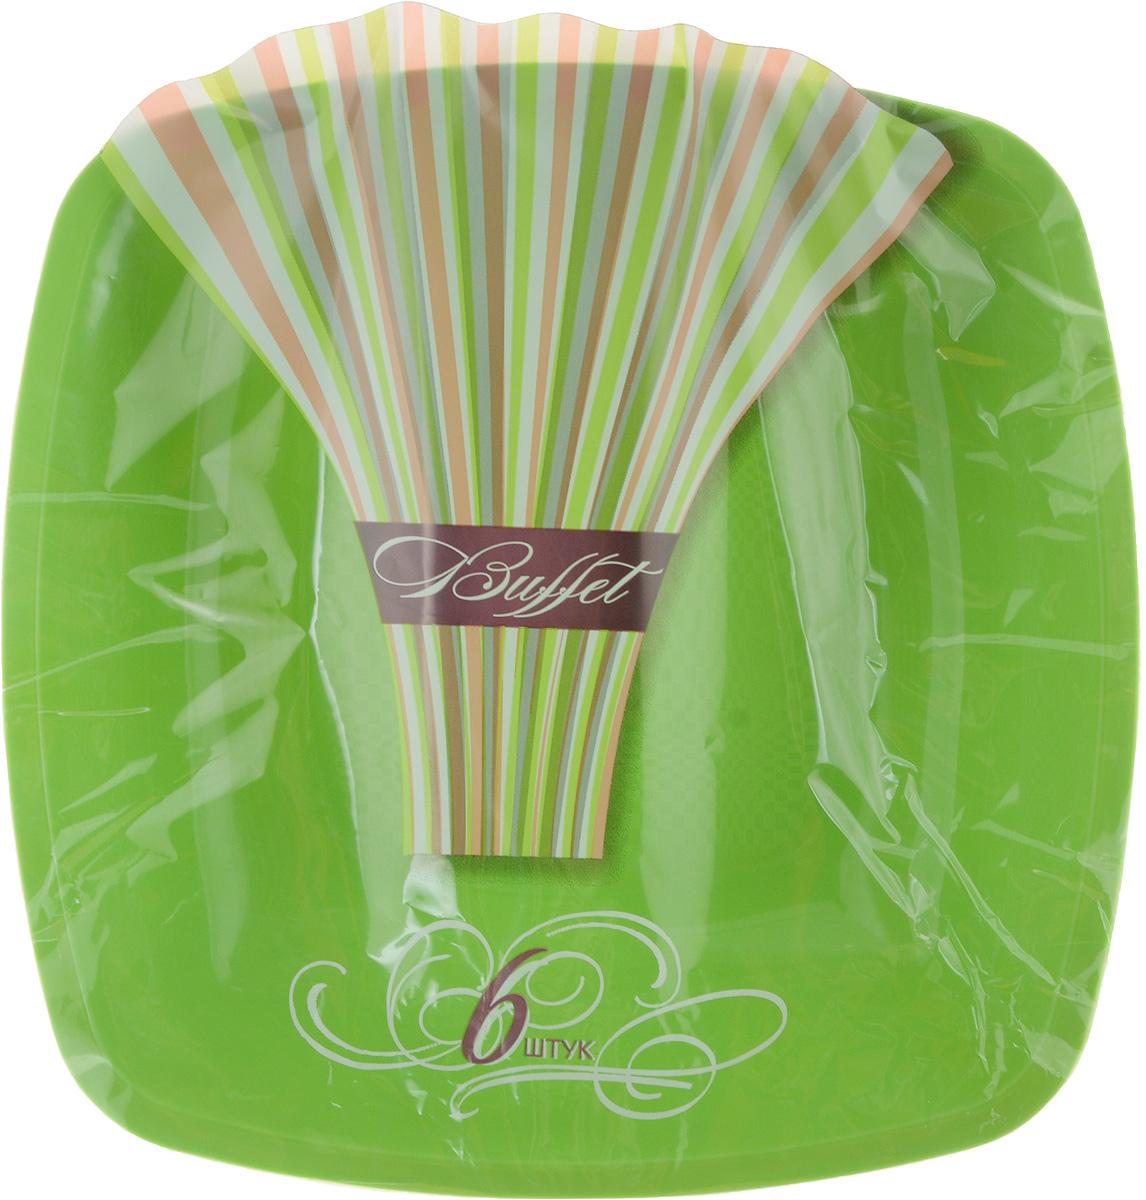 Набор одноразовых глубоких тарелок Buffet, цвет: зеленый, 18 х 18 см, 6 шт набор банок для пищевых продуктов цвет зеленый оранжевый бордовый 3 шт